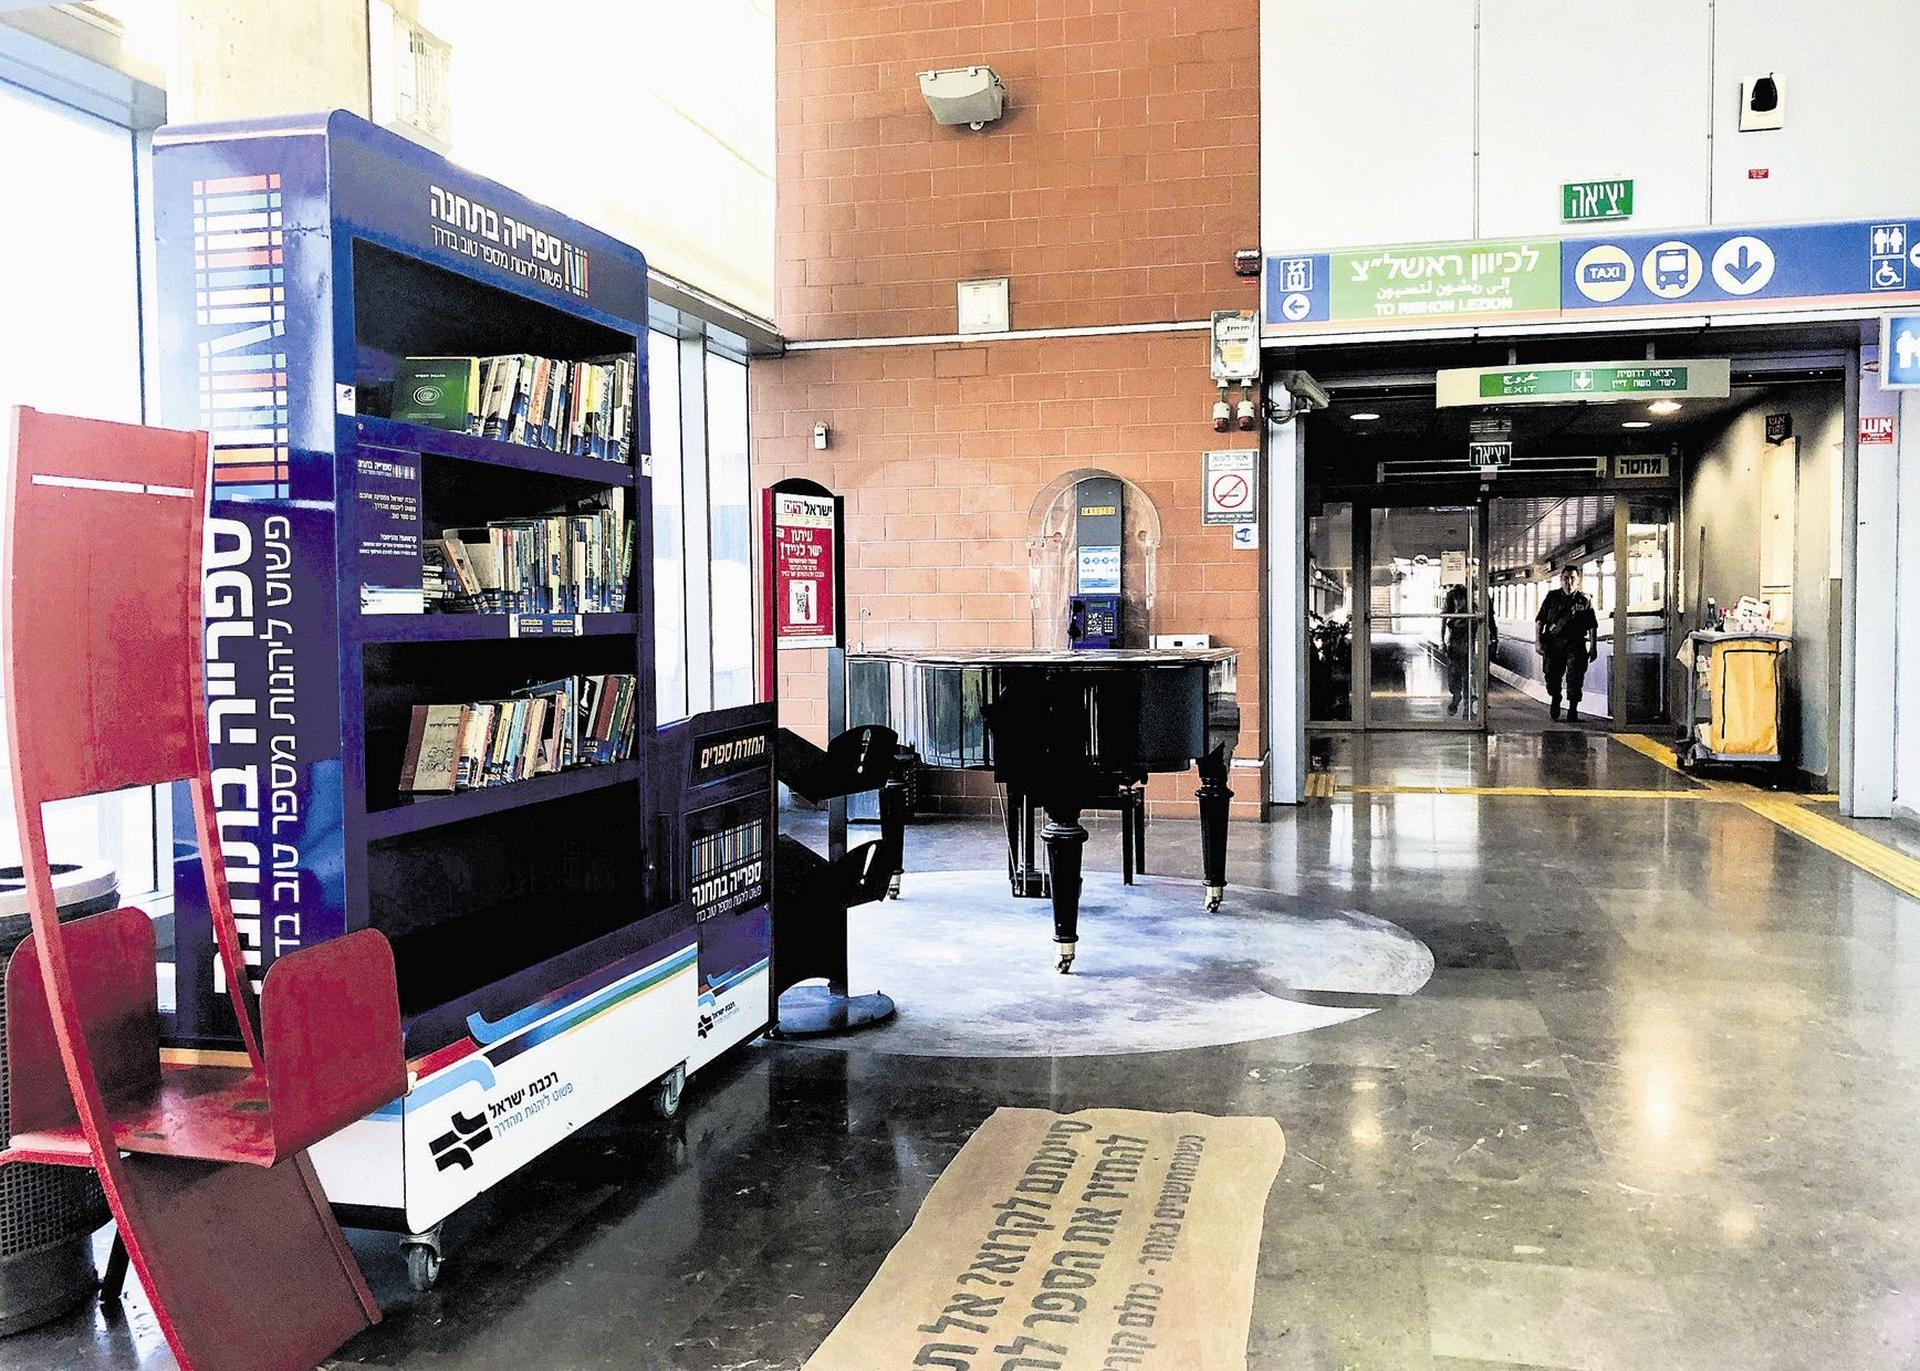 בדרך לרכבת עוברים בספרייה. צילום: קובי קואנקס